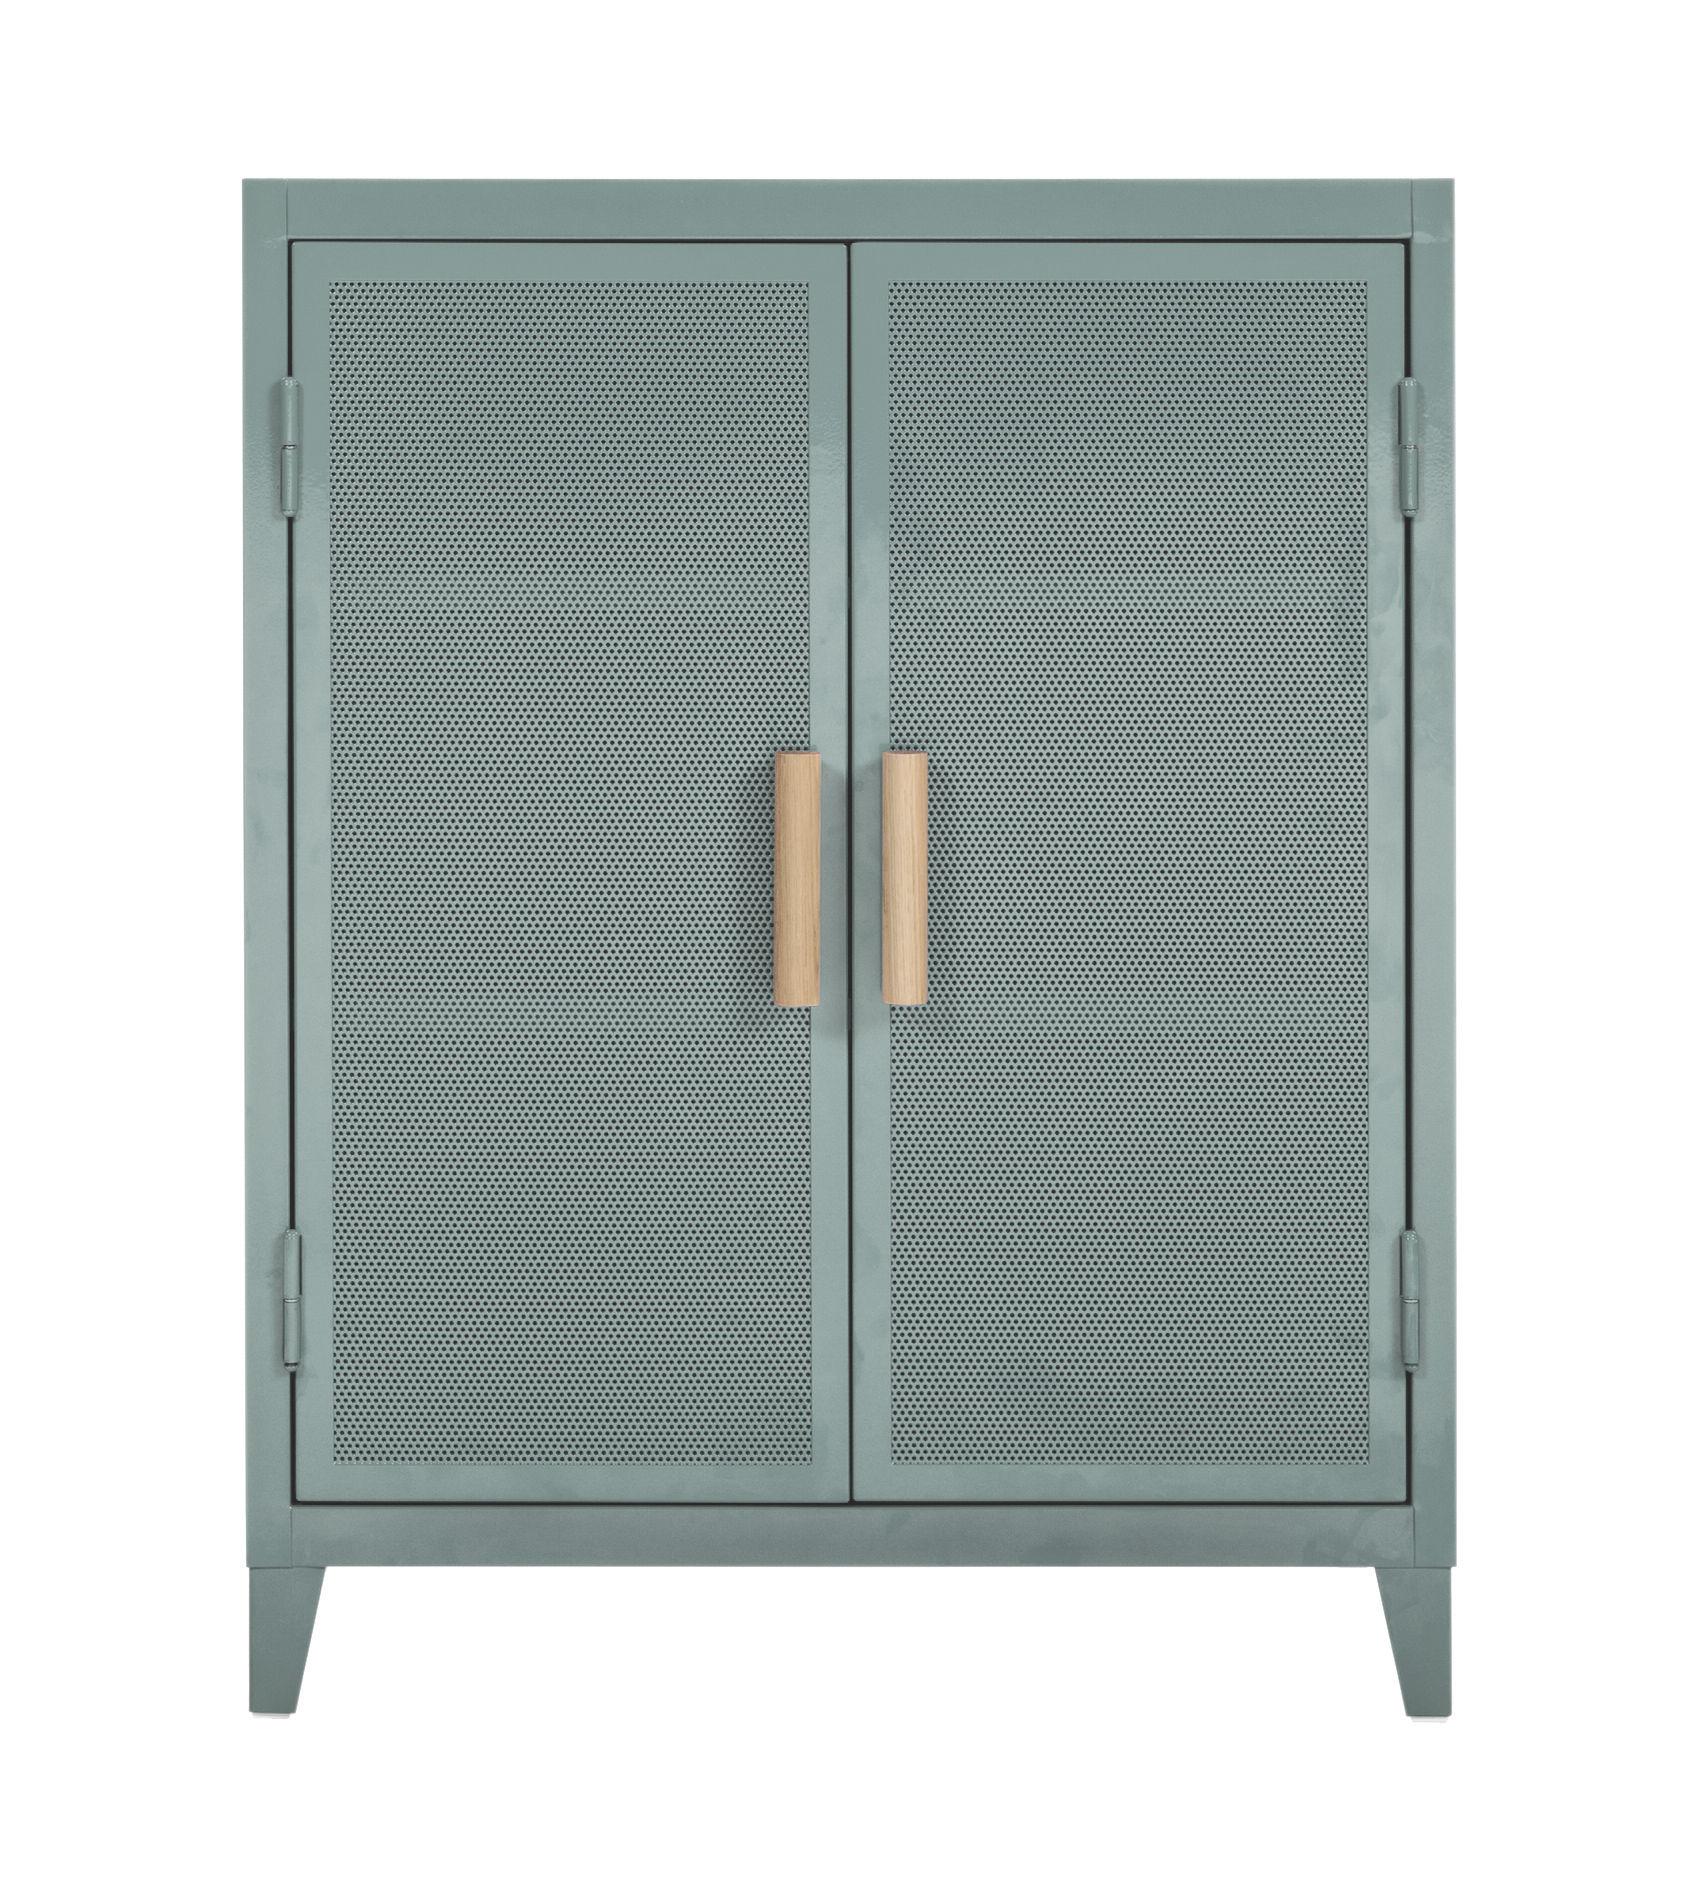 Möbel - Aufbewahrungsmöbel - Vestiaire bas Perforé Ablage / 2 Türen - Lochblech & Holz - Tolix - Graugrün / Griffe Eiche - Lackierter recycelter Stahl, massive Eiche